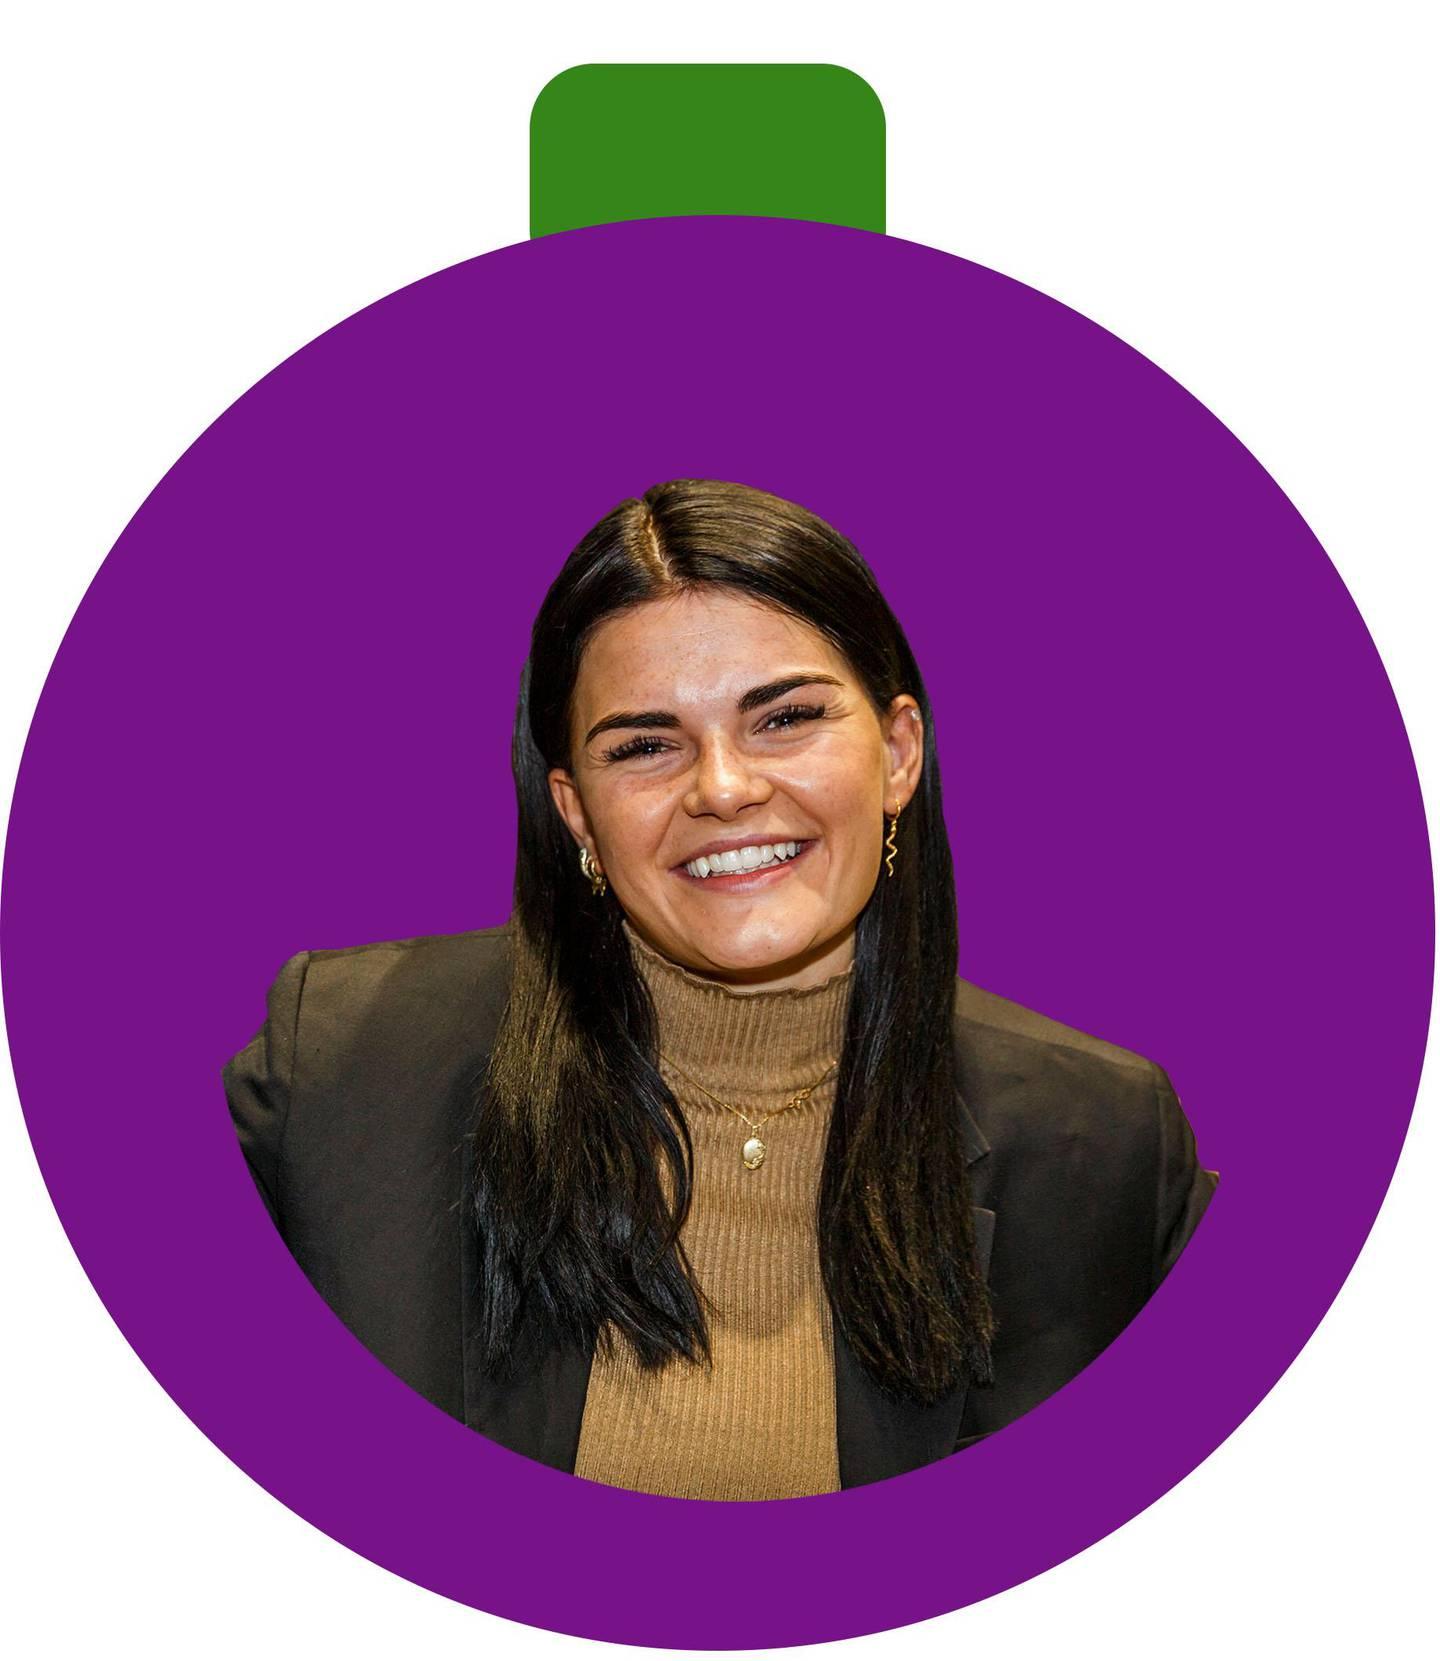 Bildet er av en lilla julekule. Det er en mørkhåret artist i kula. Hun har vunnet Melodi Grand Prix i Norge.